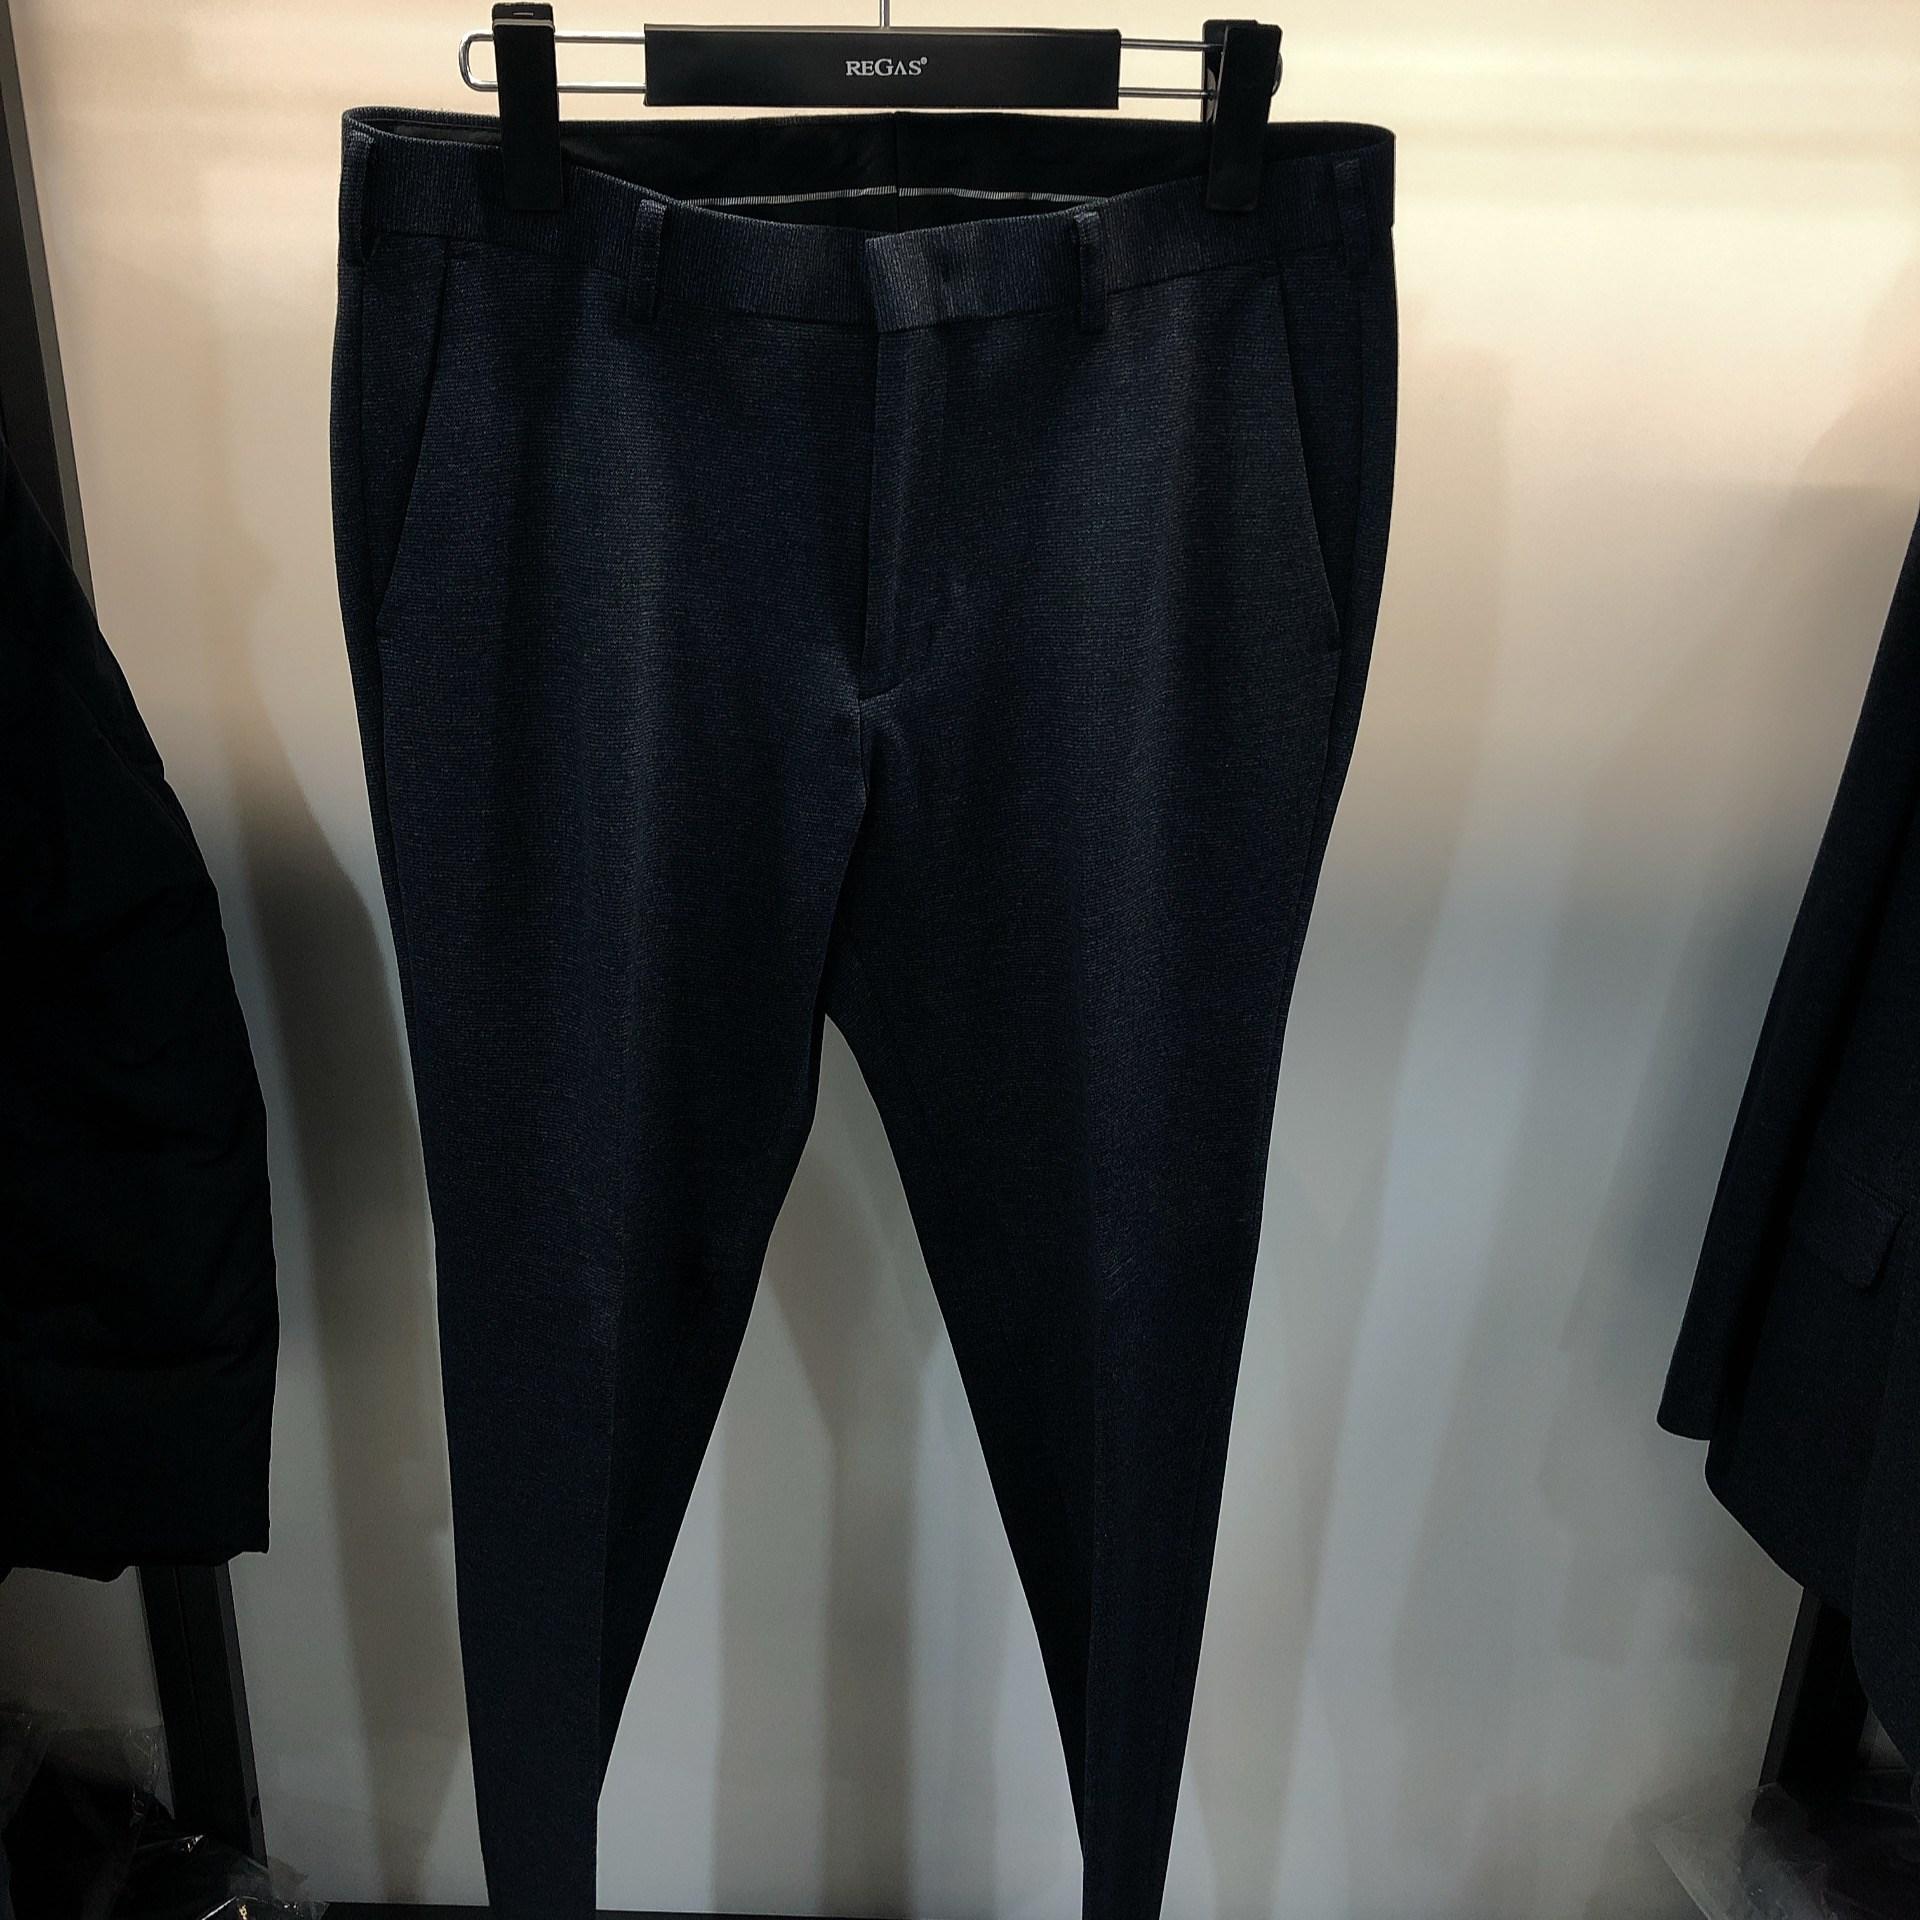 [행복한백화점][보스렌자]남성 기본라인 정장팬츠 슬랙스 심플 블루네이비멜란지 팬츠 RFFSL9350